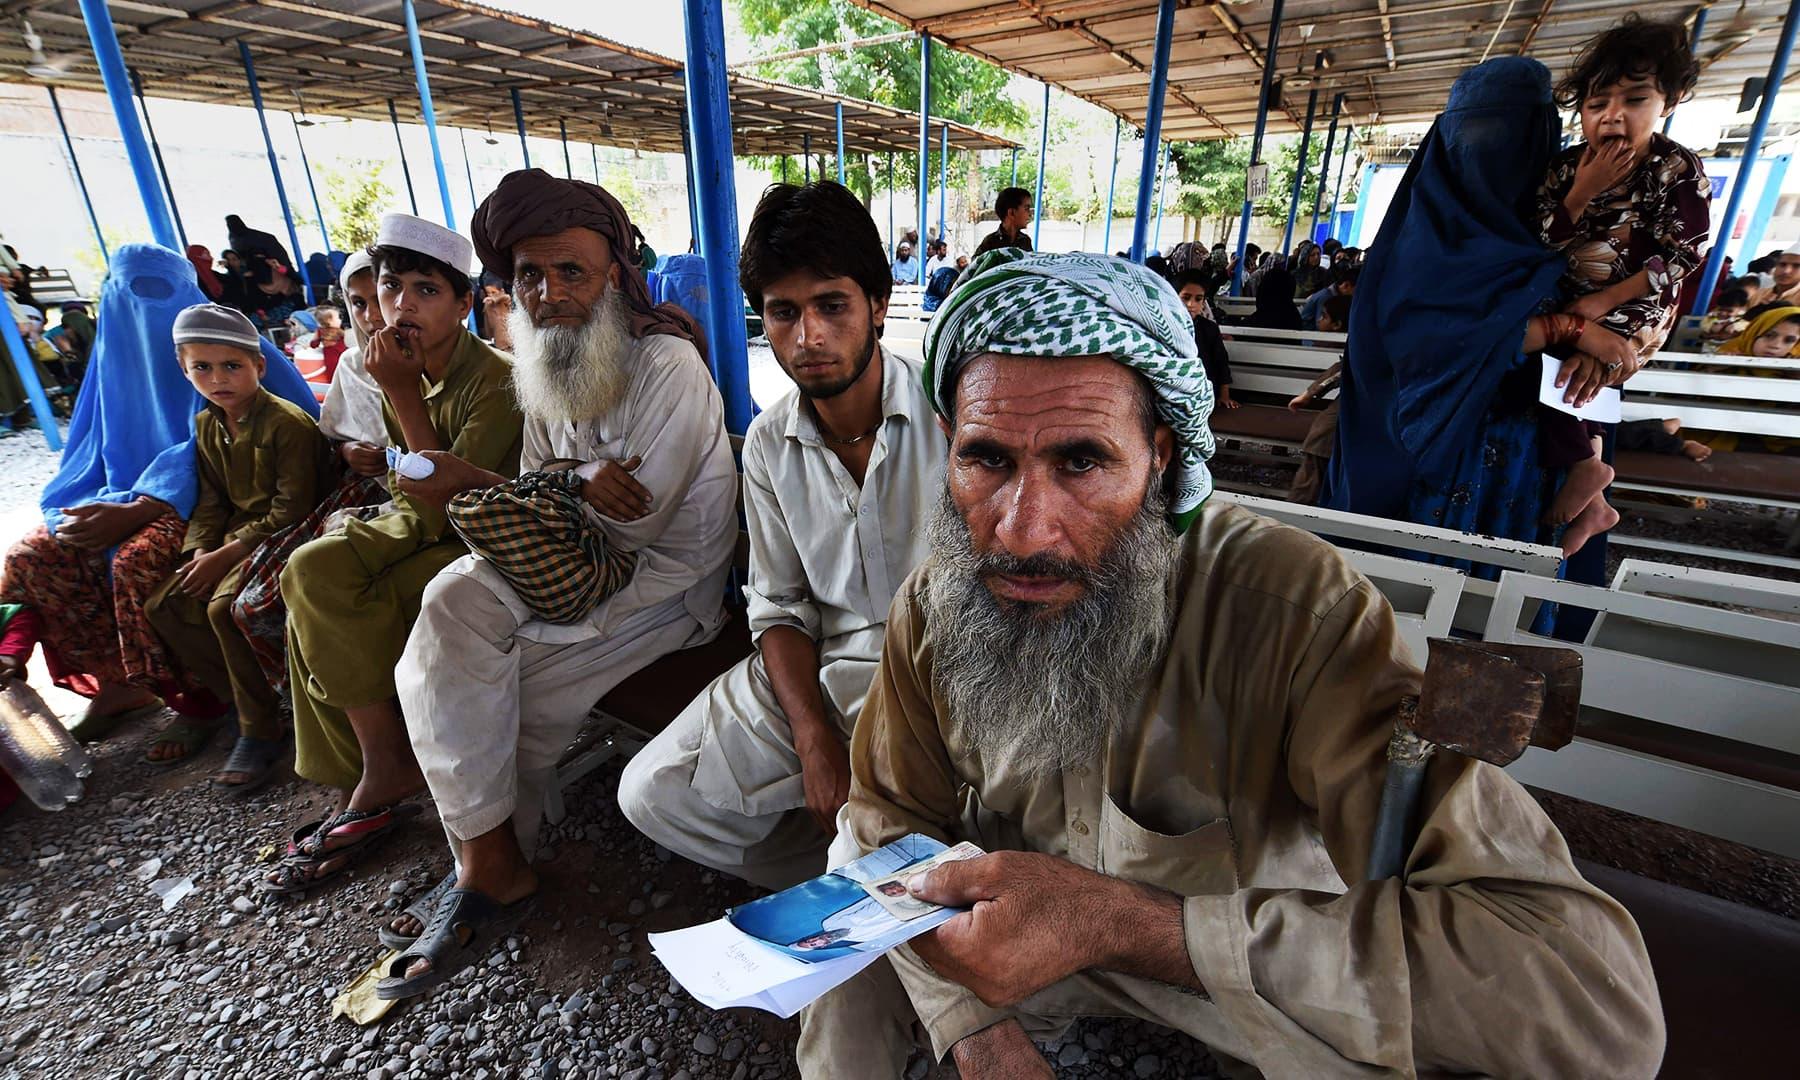 سندھ نے افغانیوں ،غیرملکیوں کو شہریت دینے کی تجویز مسترد کردی